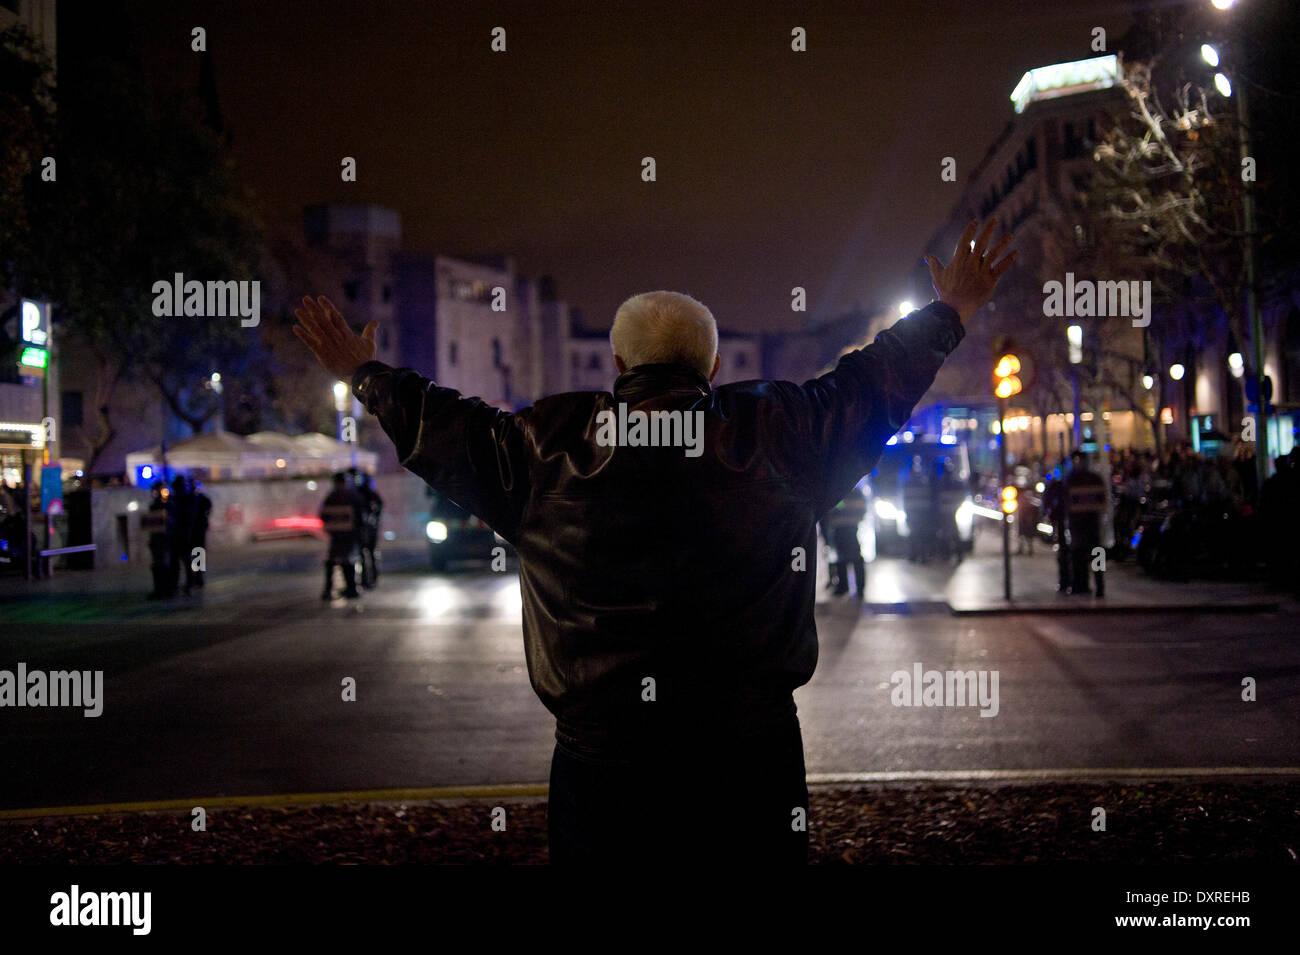 Barcellona, Spagna -29th marzo, 2014. Un manifestante con le braccia aperte in atteggiamento pacifista verso una sommossa cordone di polizia. Una manifestazione svoltasi a Barcellona da diversi gruppi sociali contro i tagli e la repressione si è conclusa con scontri con la polizia nel centro della citta'. Credito: Jordi Boixareu/Alamy Live News Immagini Stock